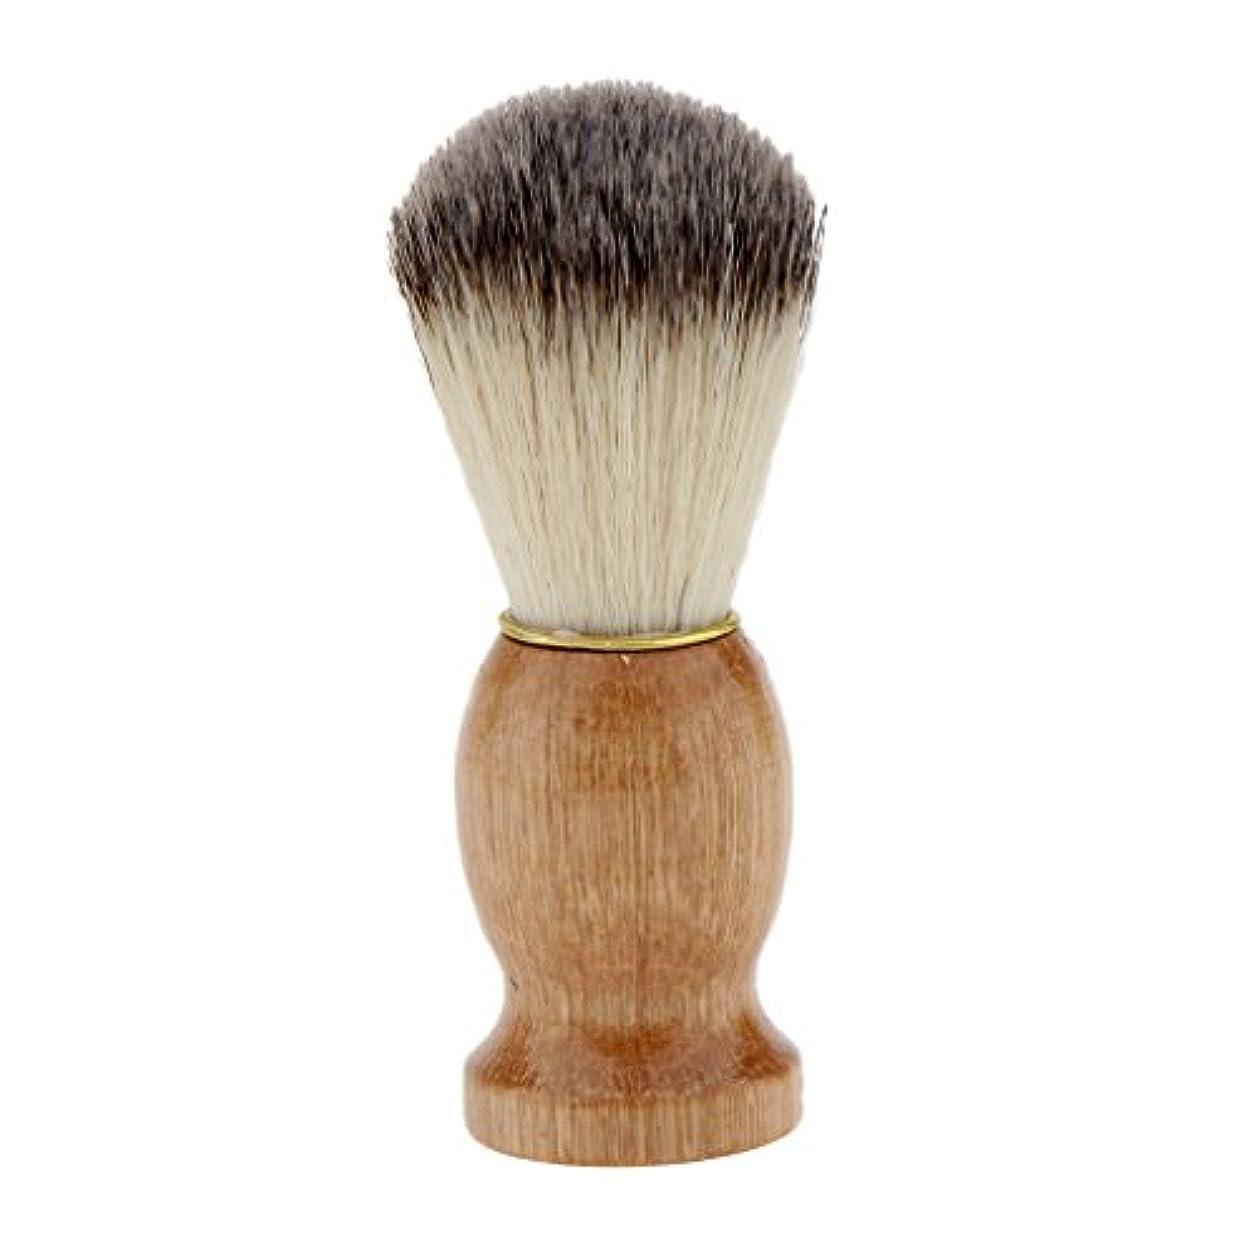 社会学冒険家に渡ってシェービングブラシ ひげ剃りブラシ 洗顔 コスメブラシ 木製ハンドル メンズ 高品質 プレゼント